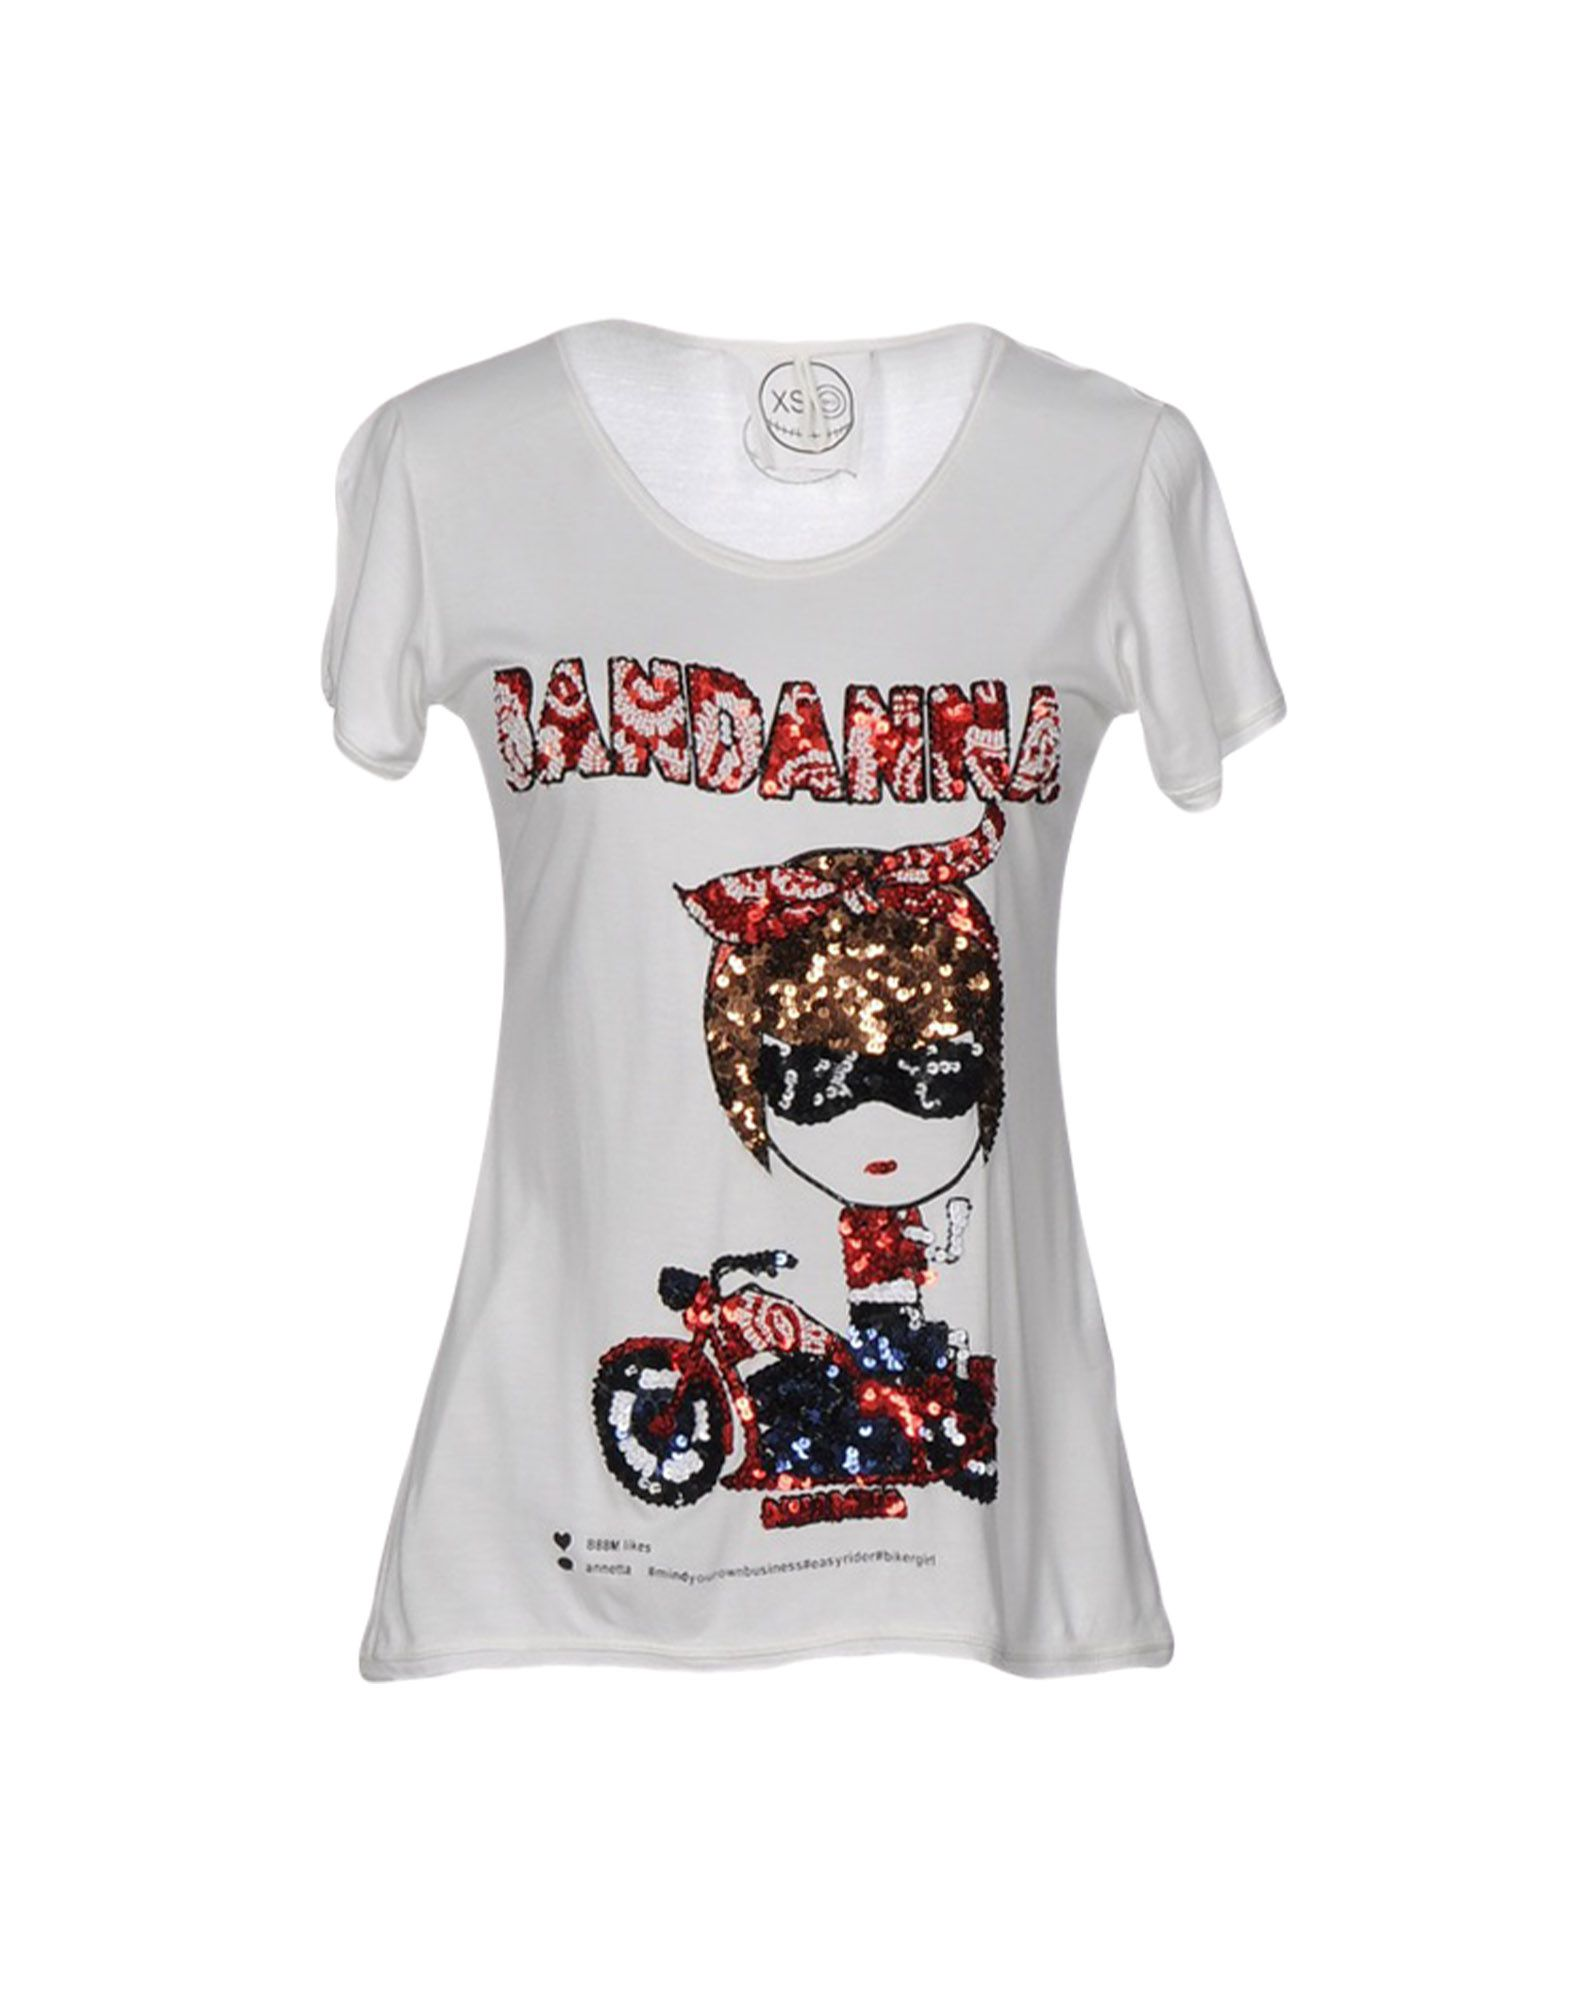 THE MUA MUA DOLLS Damen T-shirts Farbe Elfenbein Größe 3